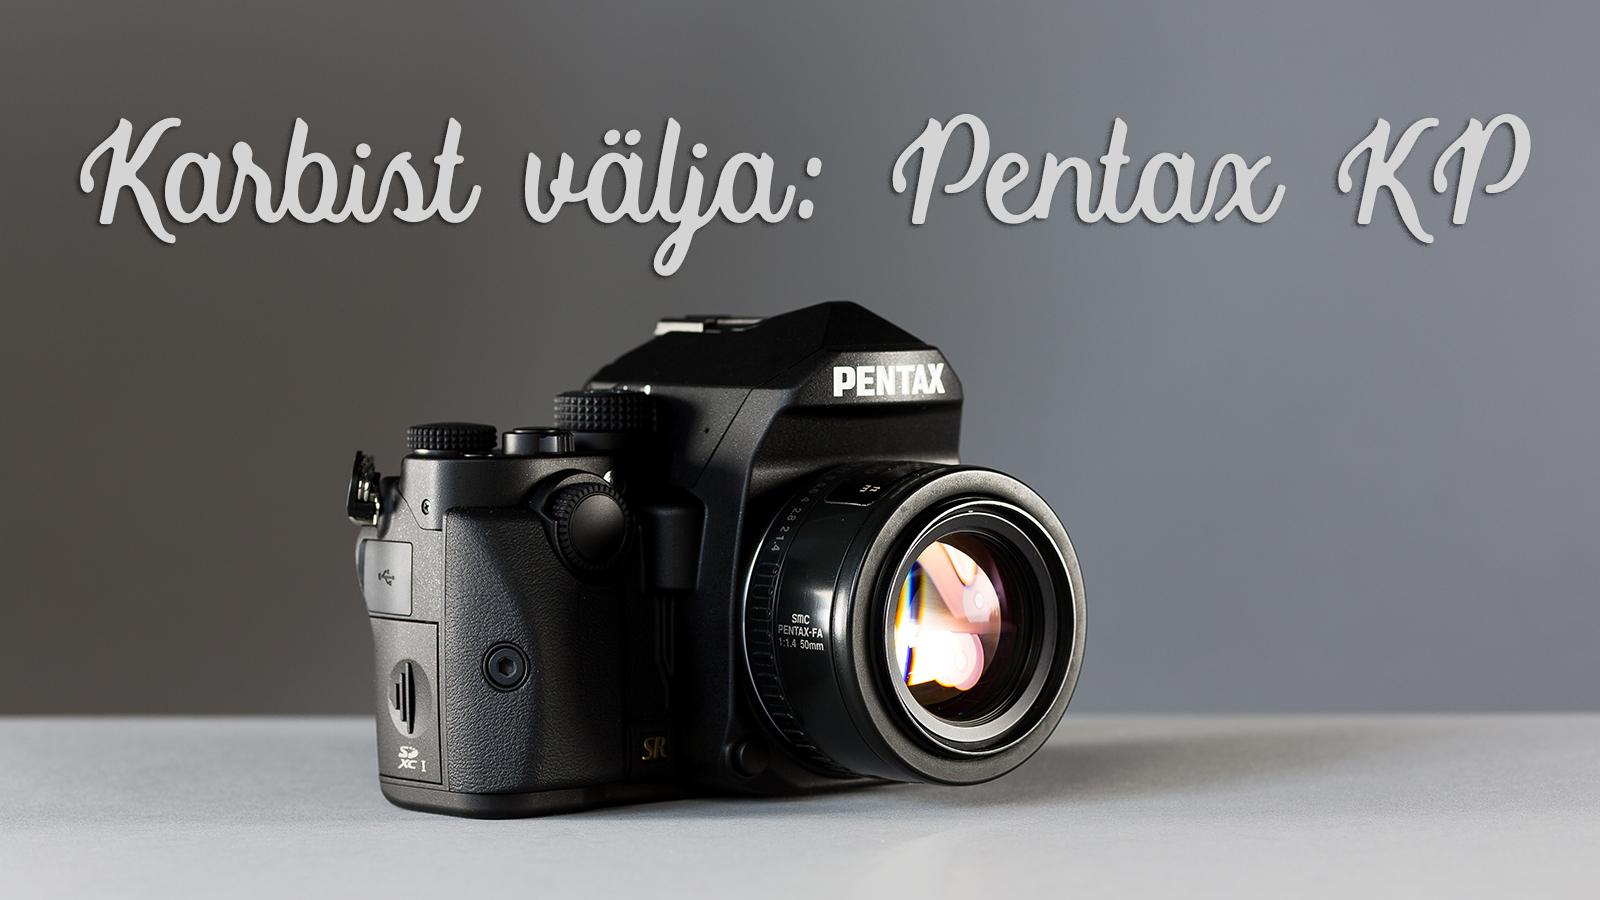 Karbist välja: Pentax KP peegelkaamera